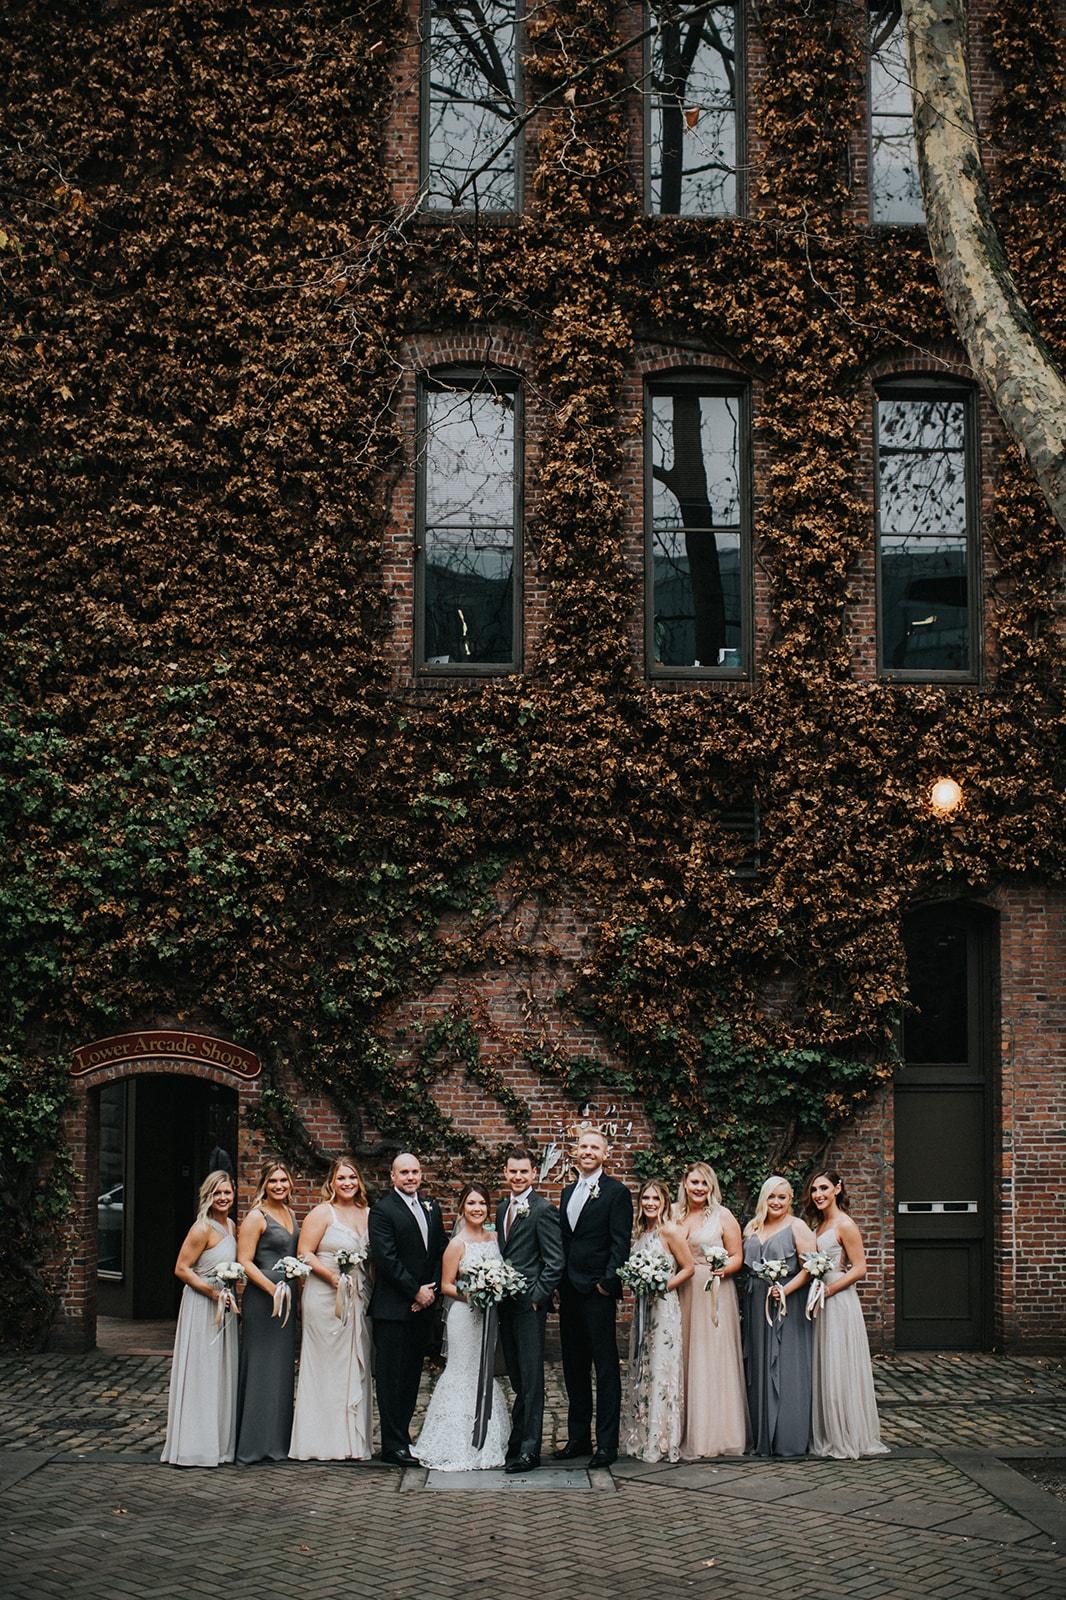 wedding party photos near axis pioneer square wedding venue